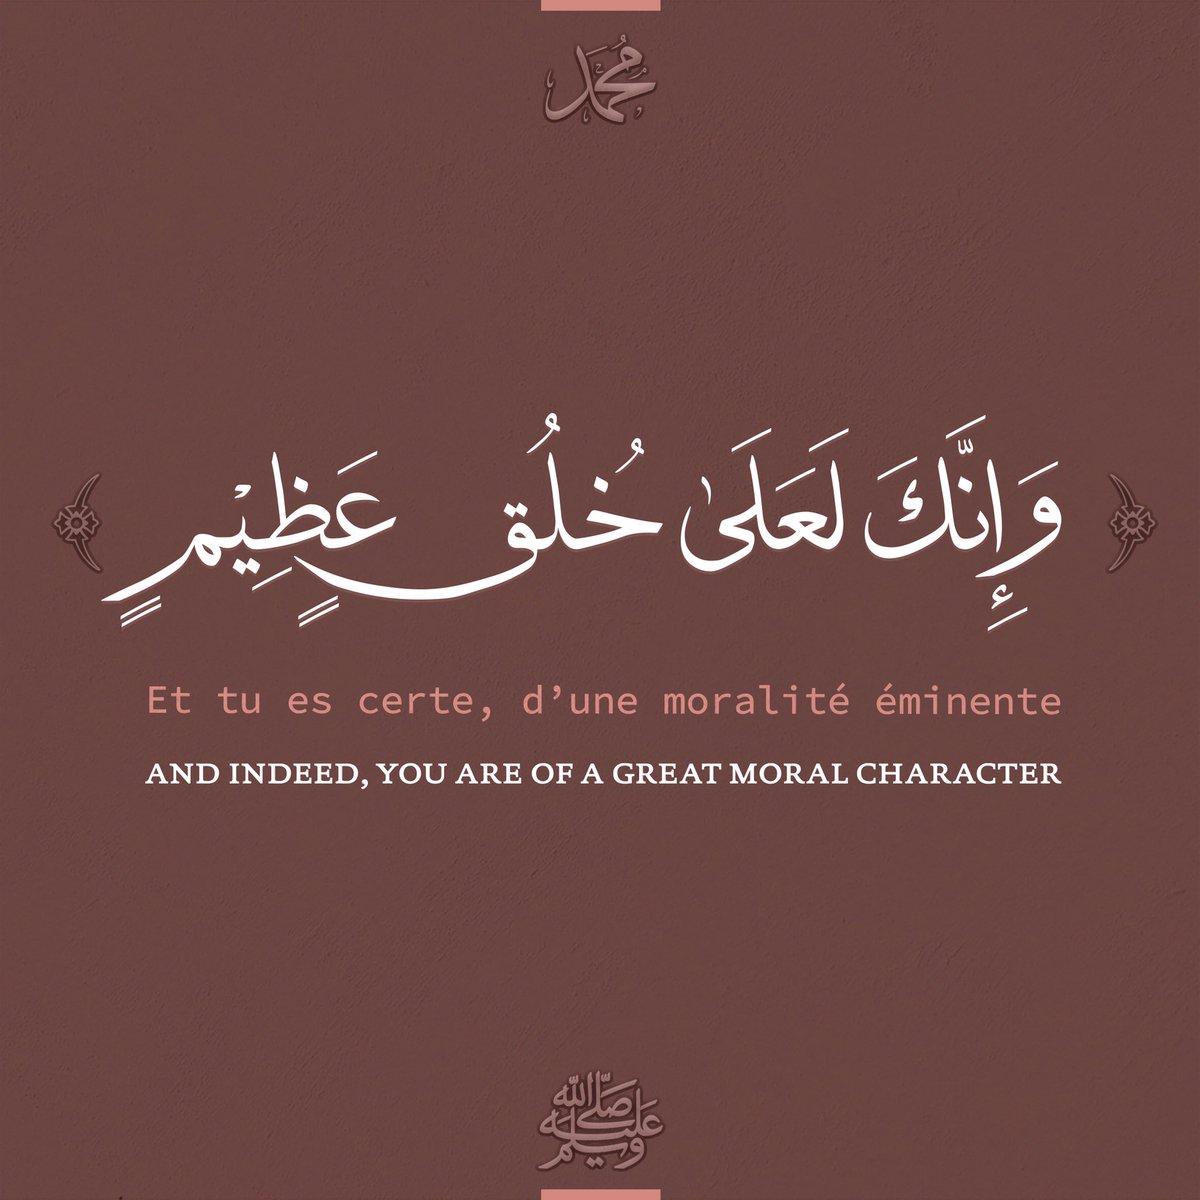 En son temps, le Prophète Mahomet était l'objet de maintes attaques. Hors cela ne le bouleversa guère. Nulle insulte pourrai enfreindre son patrimoine de tolérance, de patience et de paix. Ces dogmes vivent aujourd'hui à travers ceux qui suivent son véritable exemple.